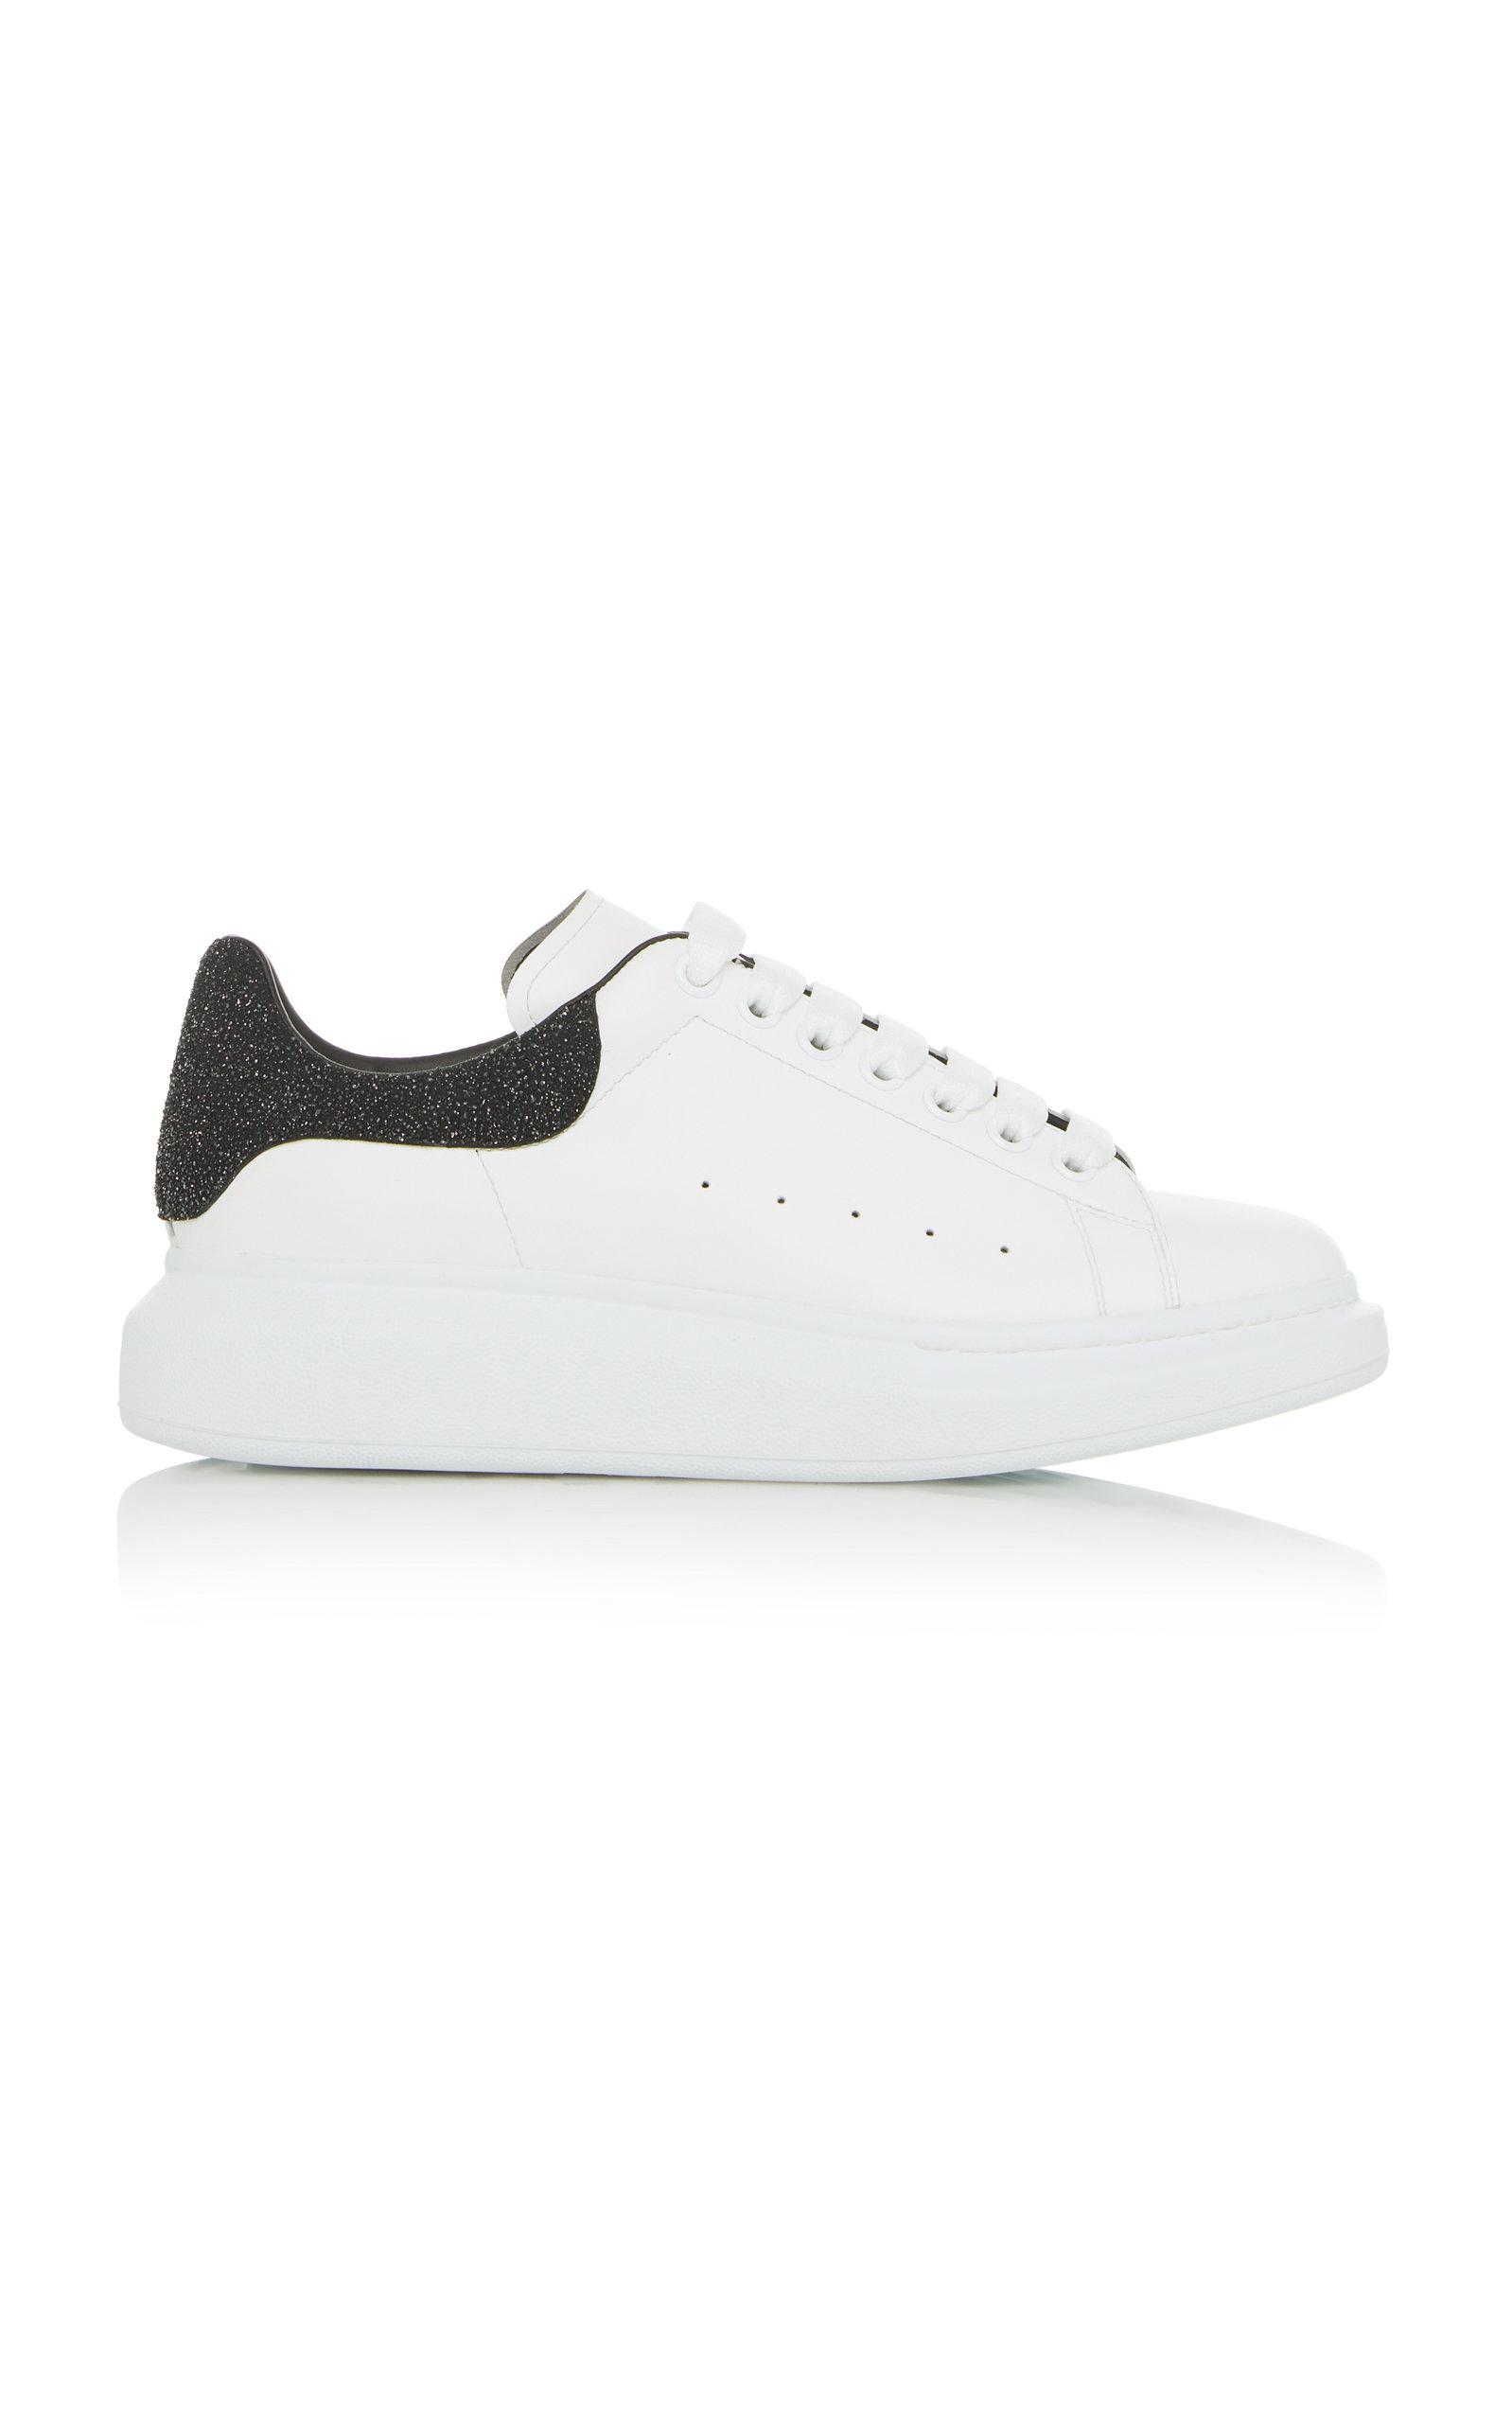 ALEXANDER MCQUEEN | Alexander McQueen Glittered Leather Low-Top Sneakers | Goxip